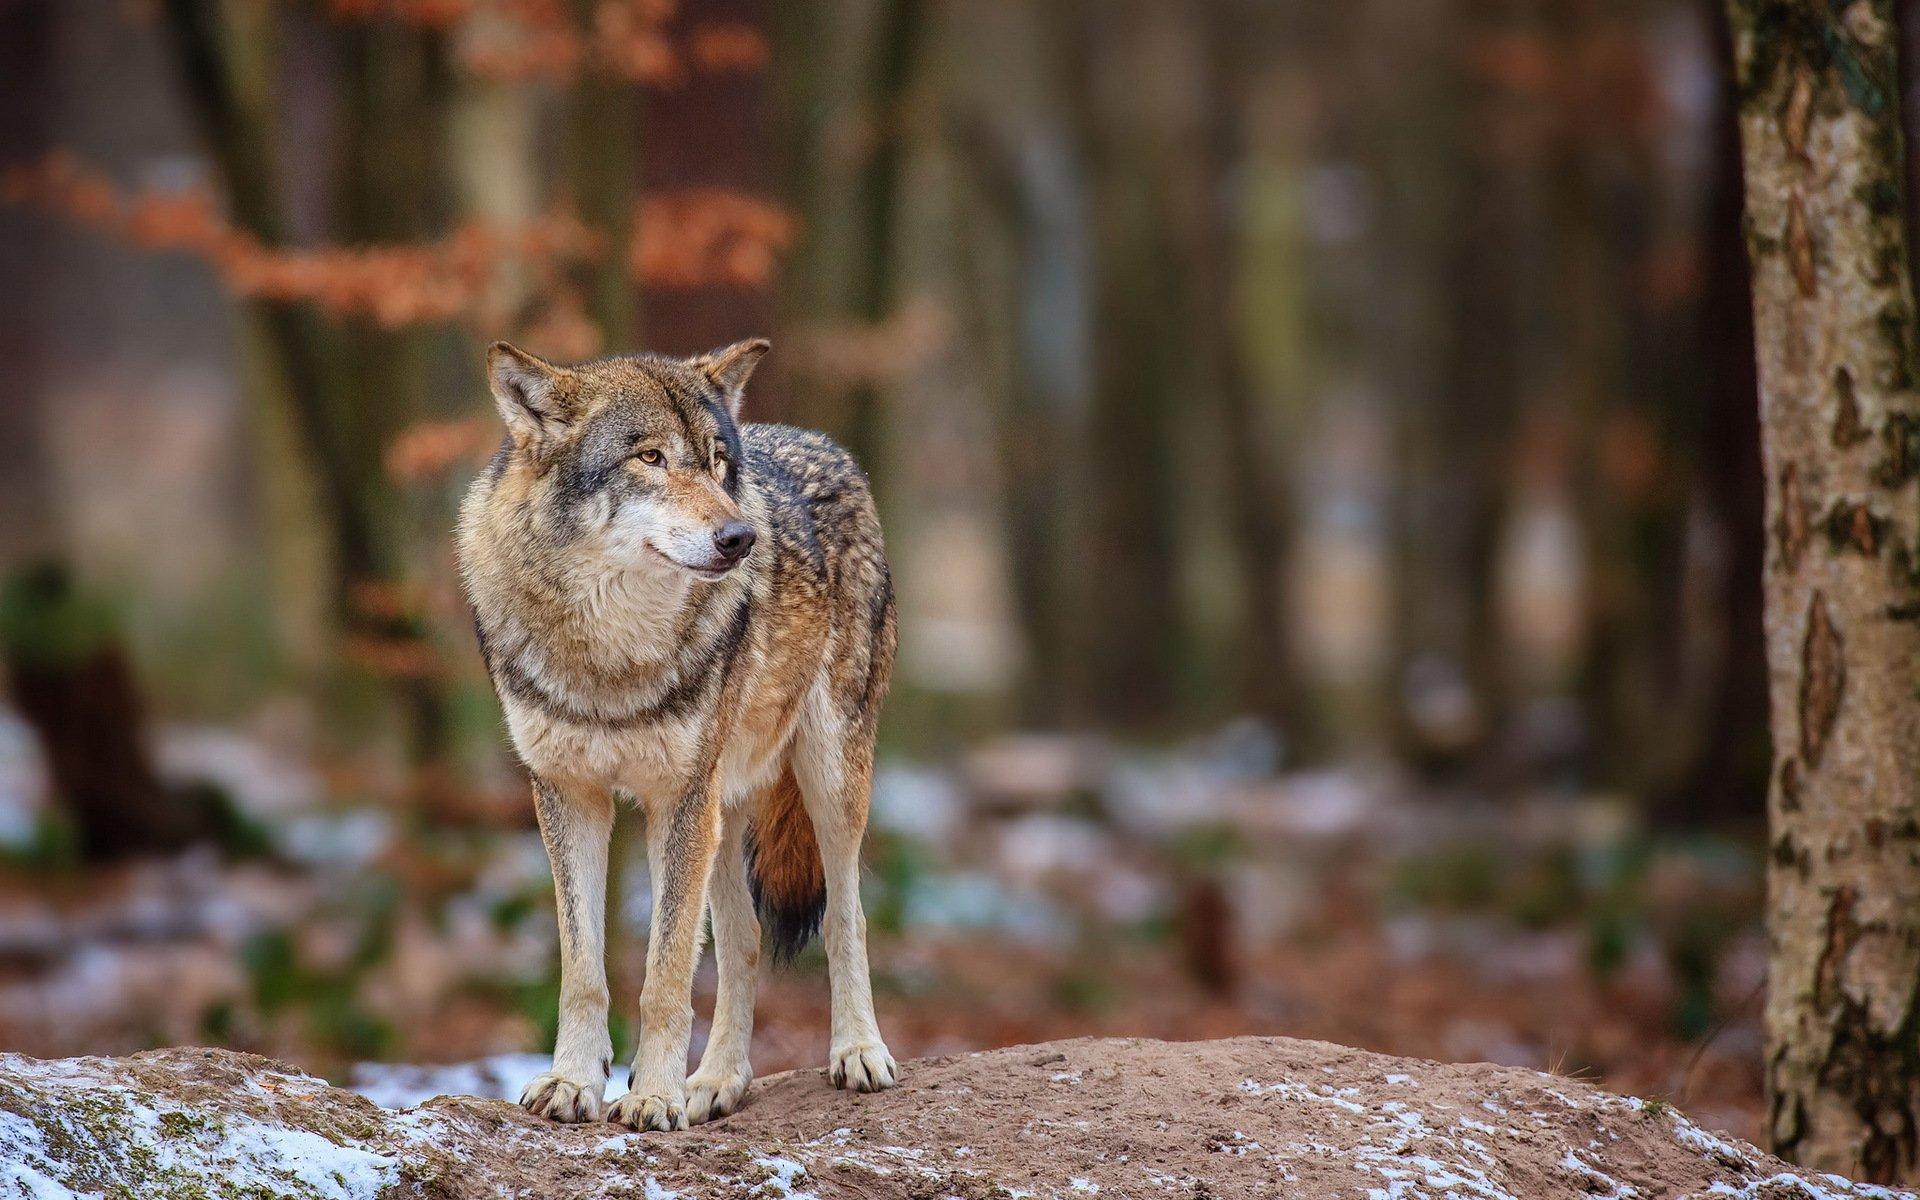 осенний лес картинки с волками россию